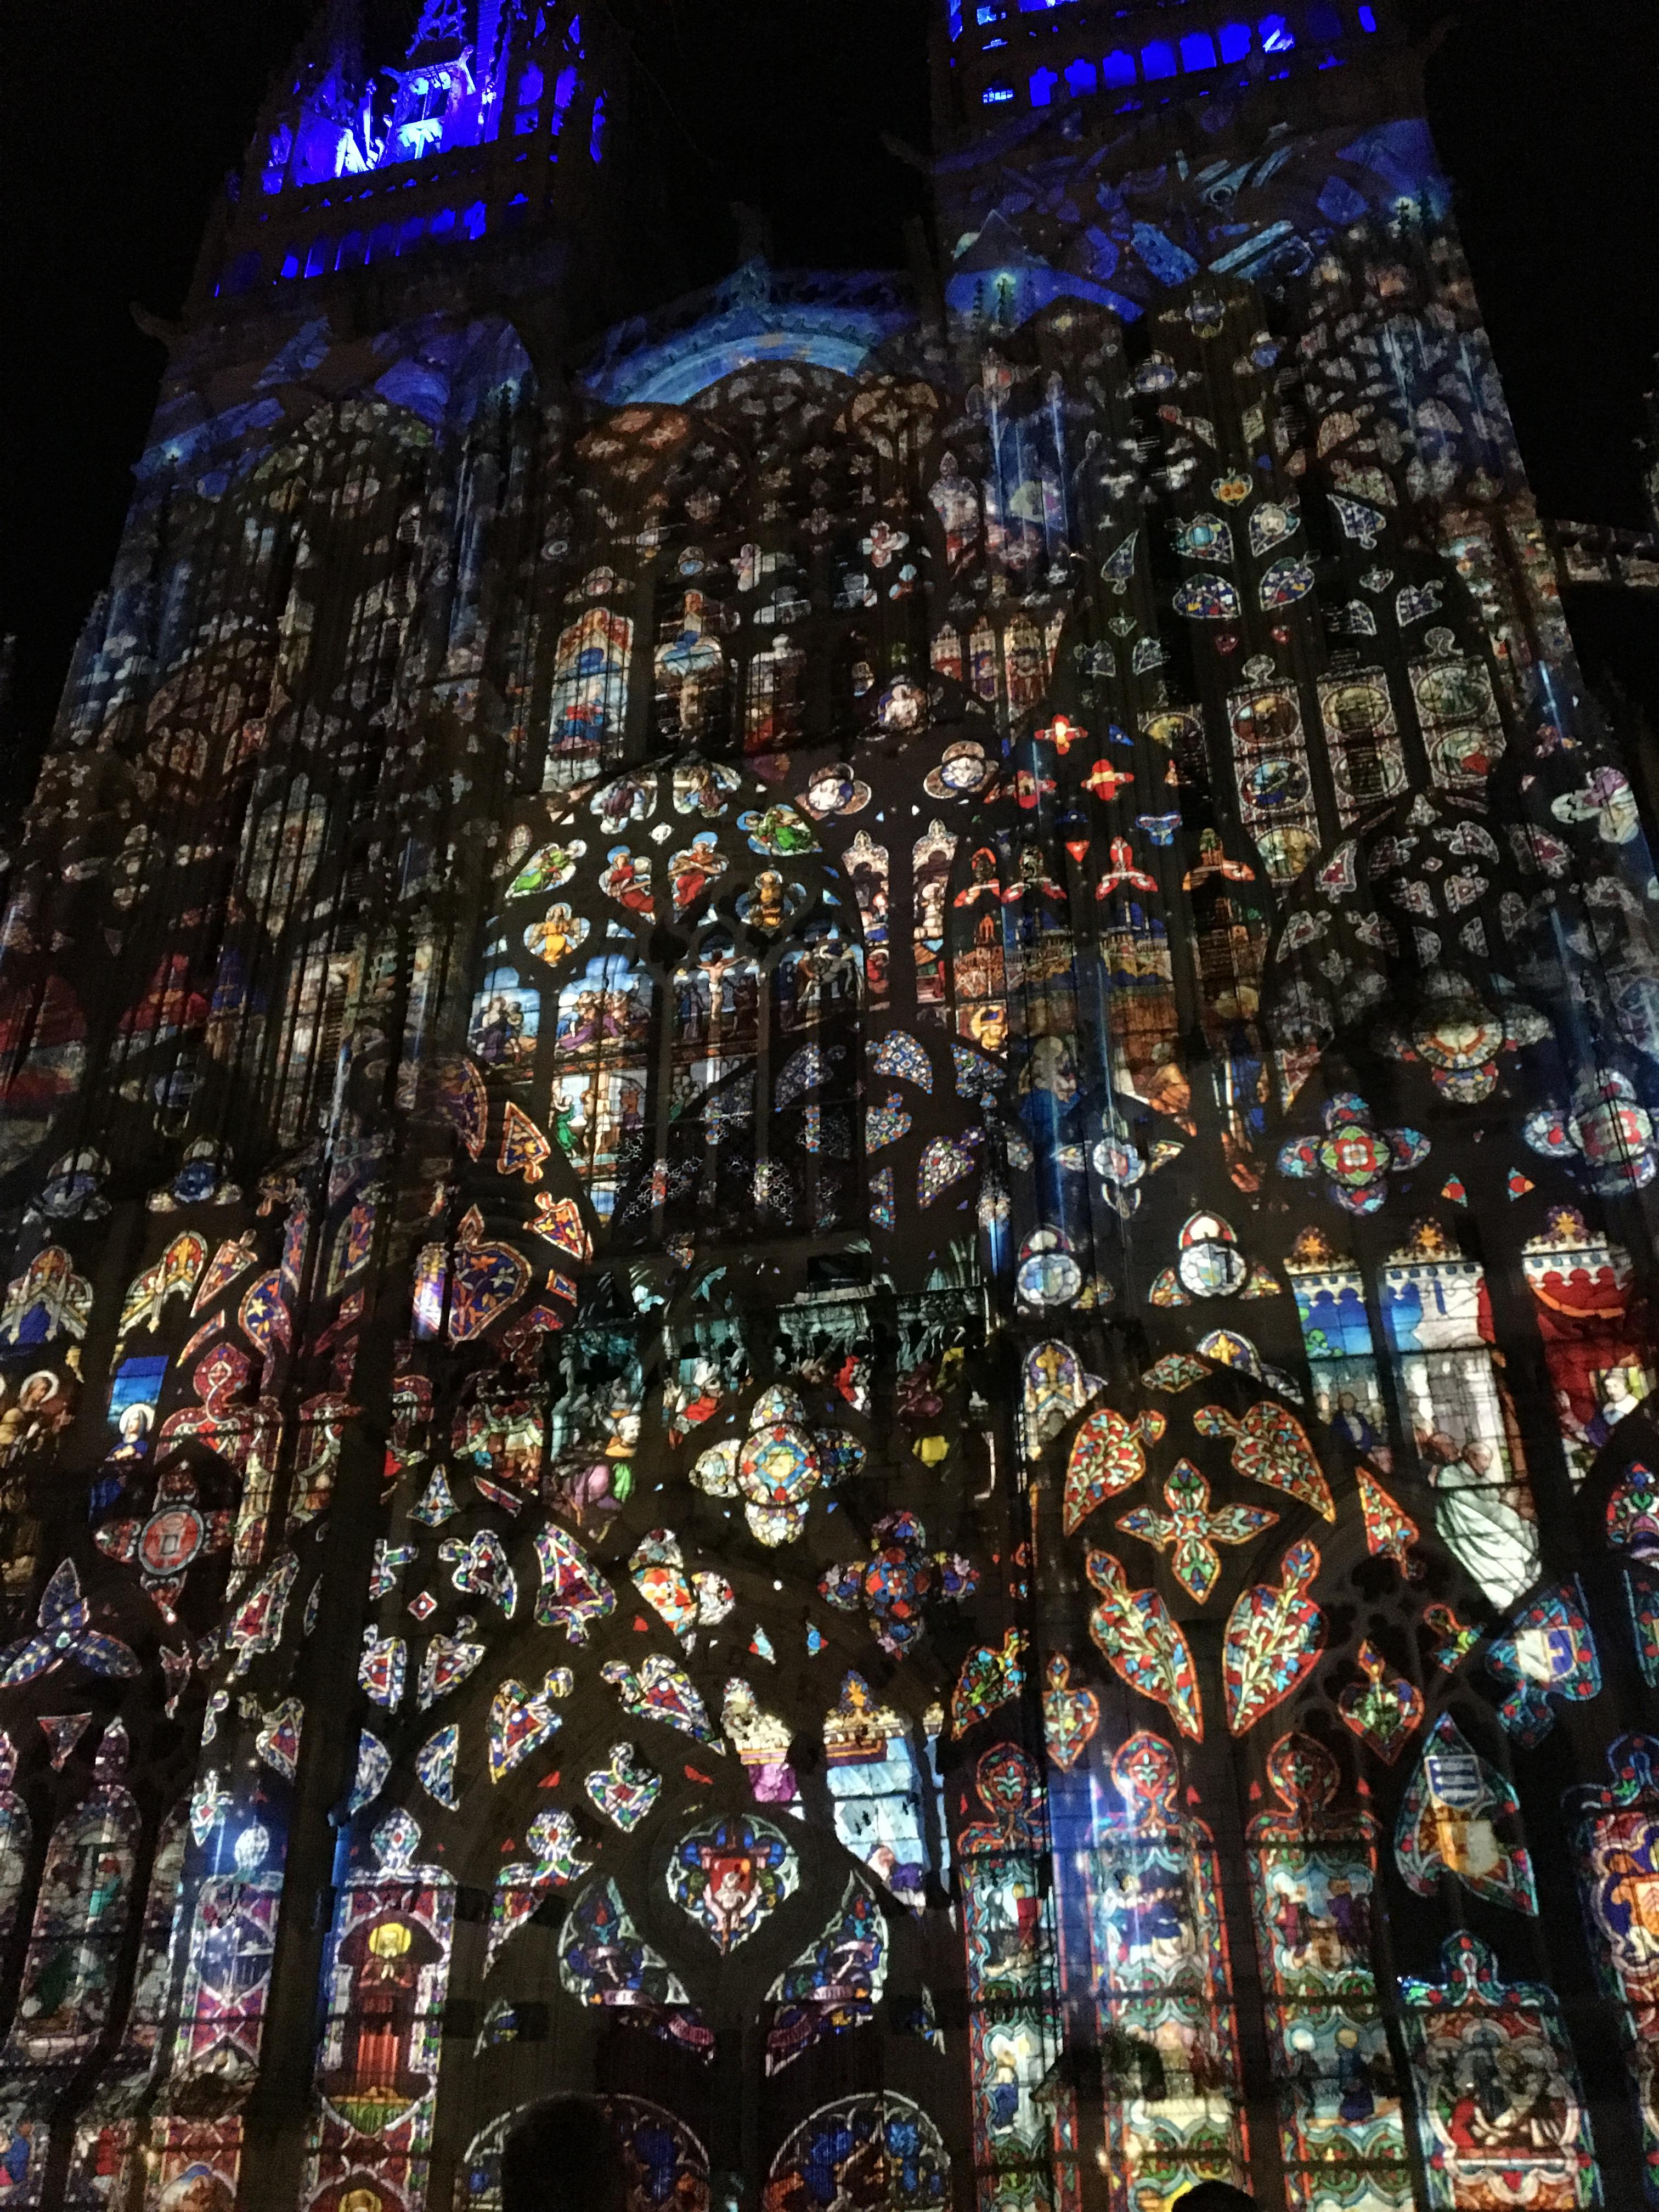 cathedrale-st-corentin-quimper-dec2018 (7)